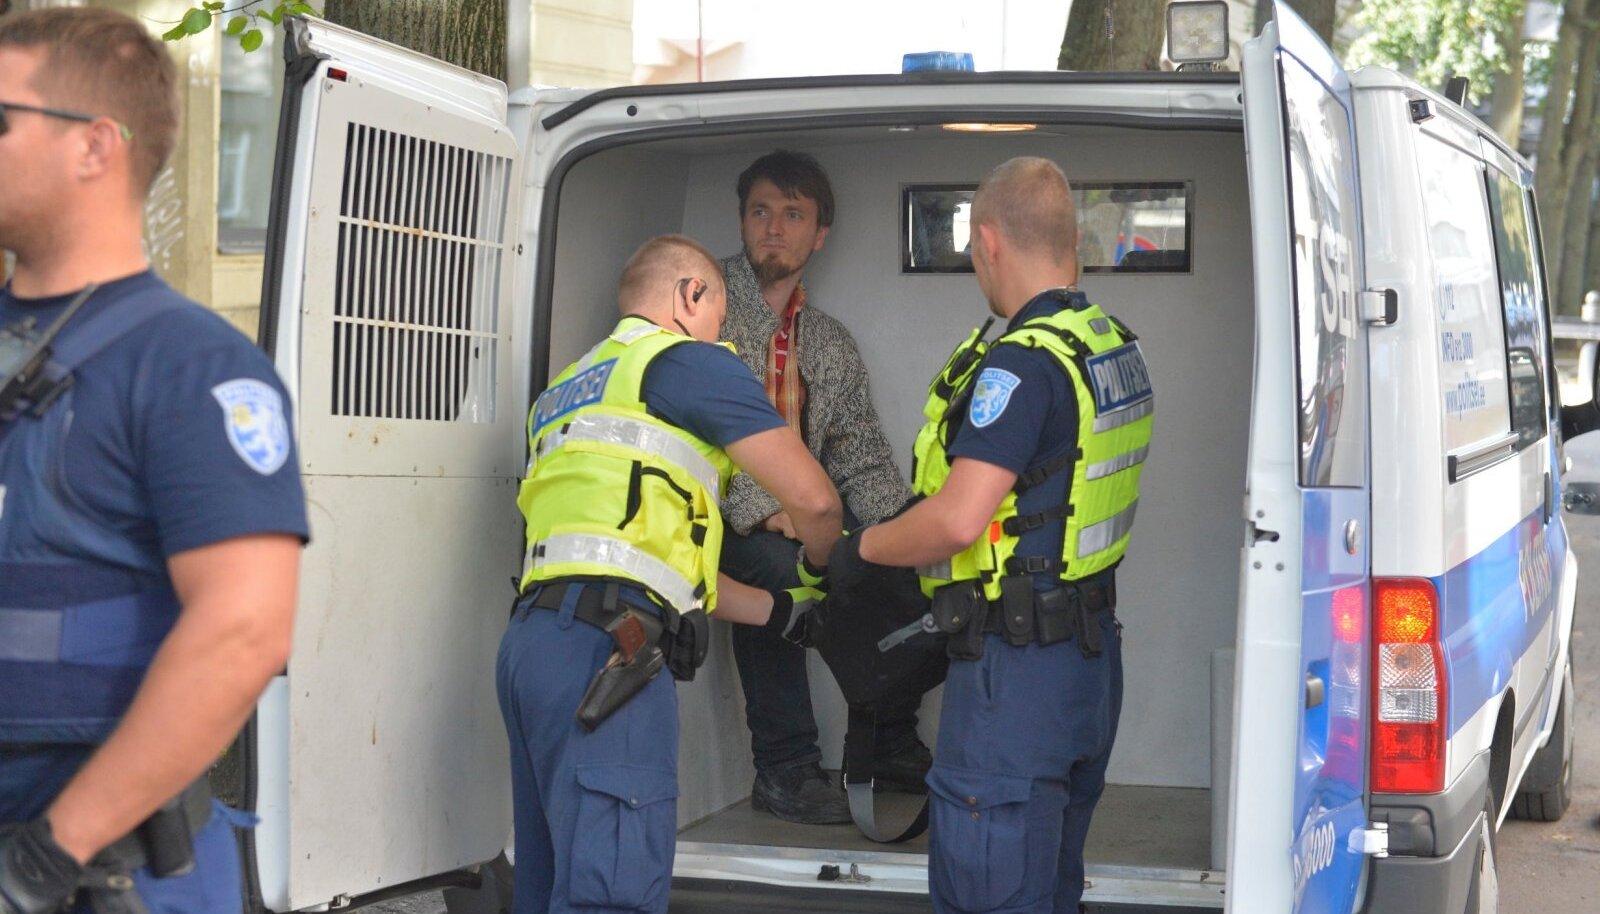 Jaan Hatto talus politsei poolt tabatud Meelis Kadalu 2015. aastal. Toona vahistati ta püüdluse eest USA saatkonna ees USA lipp põlema panna